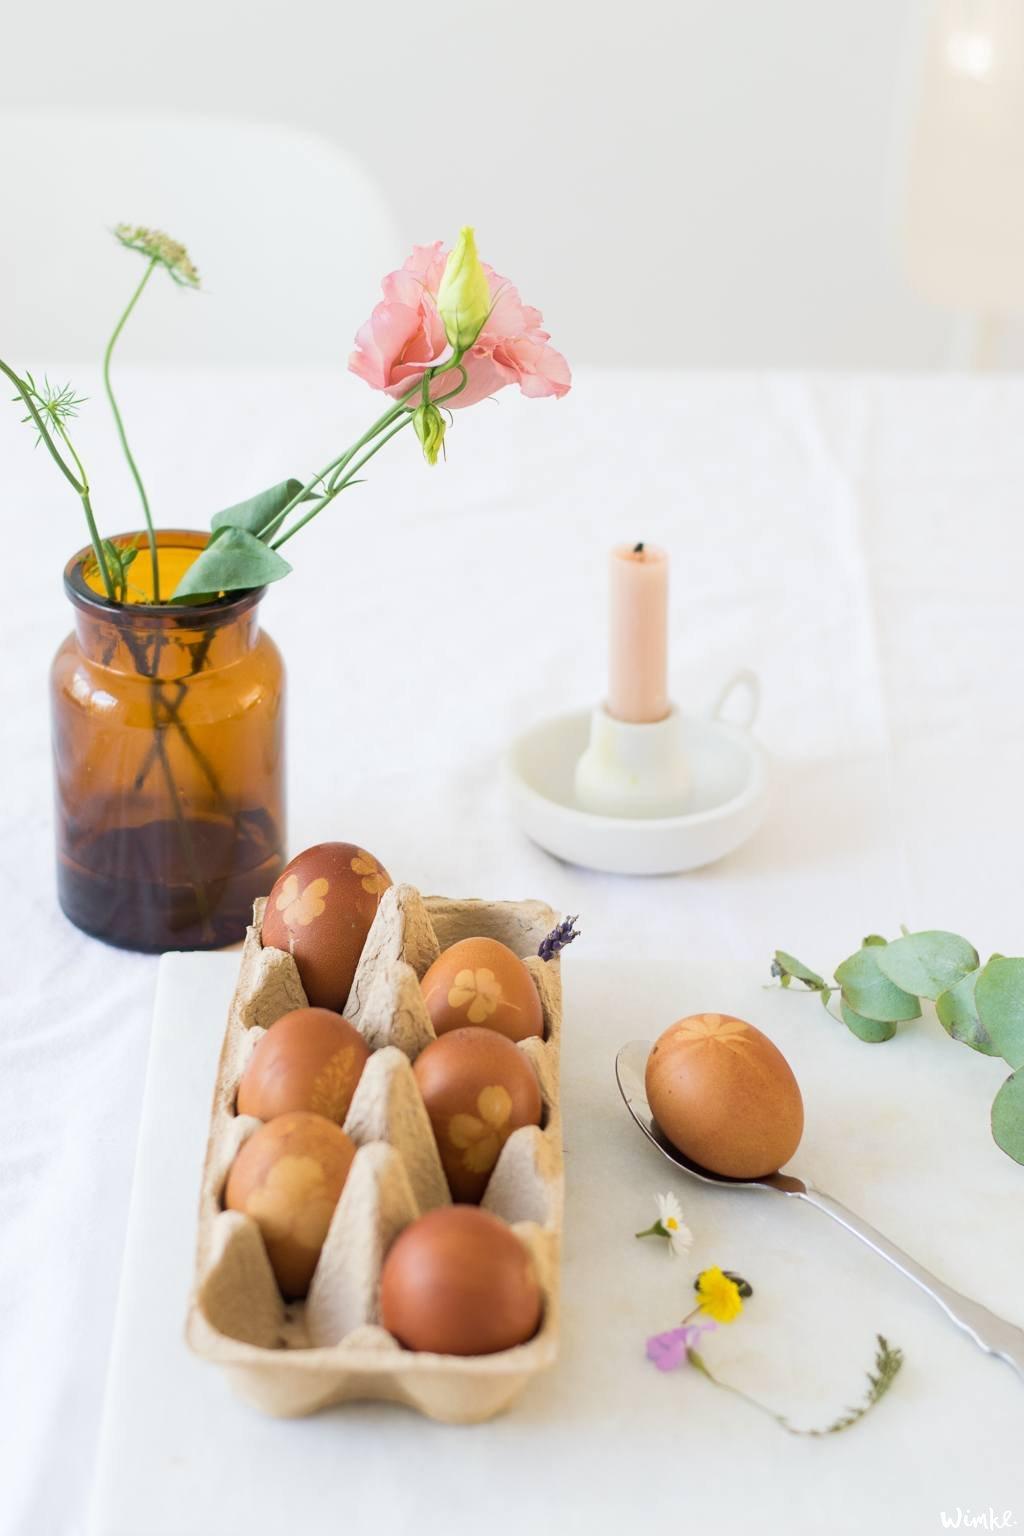 diy bloemeneieren voor moederdag uit Smûk - www.wimke.nl